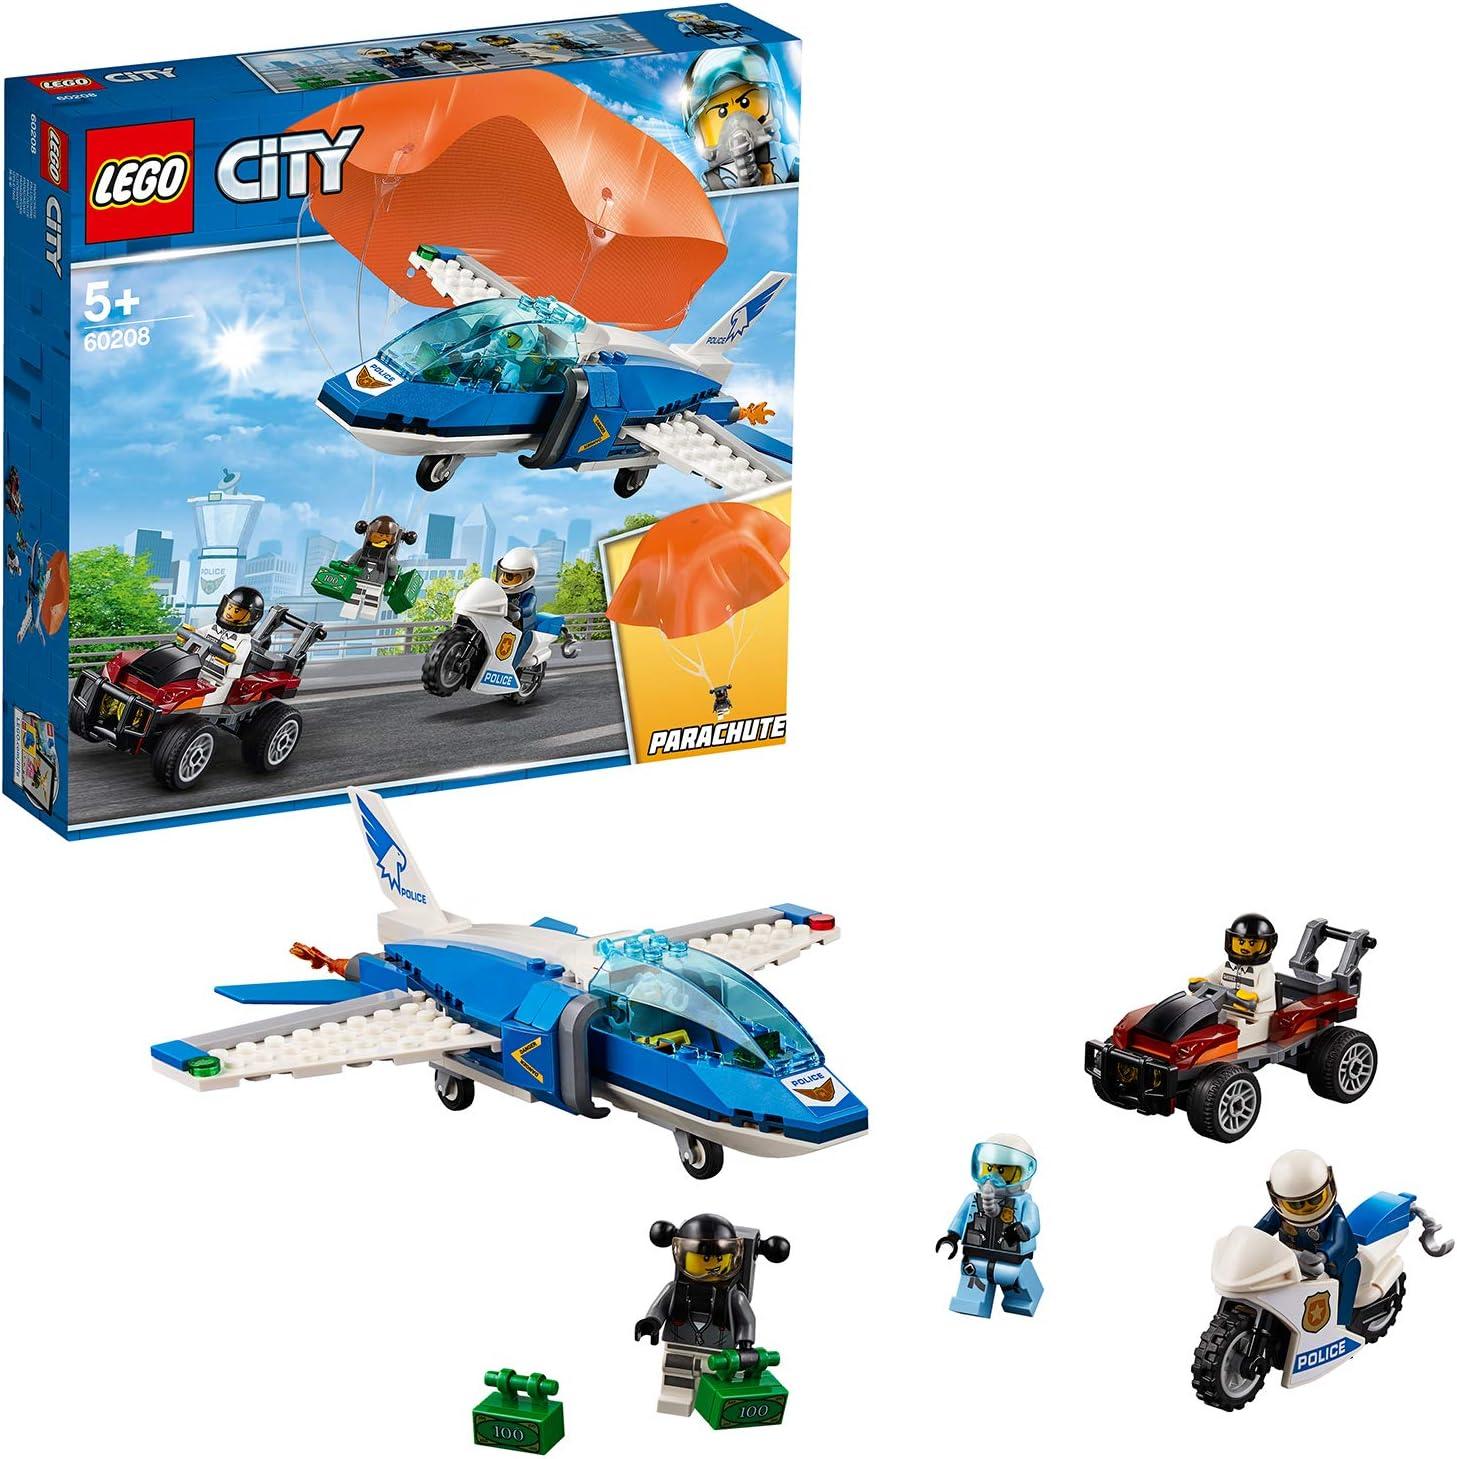 Lego 75945 Harry Potter Spero patronum Set avec 4 mini figurines et Patronus